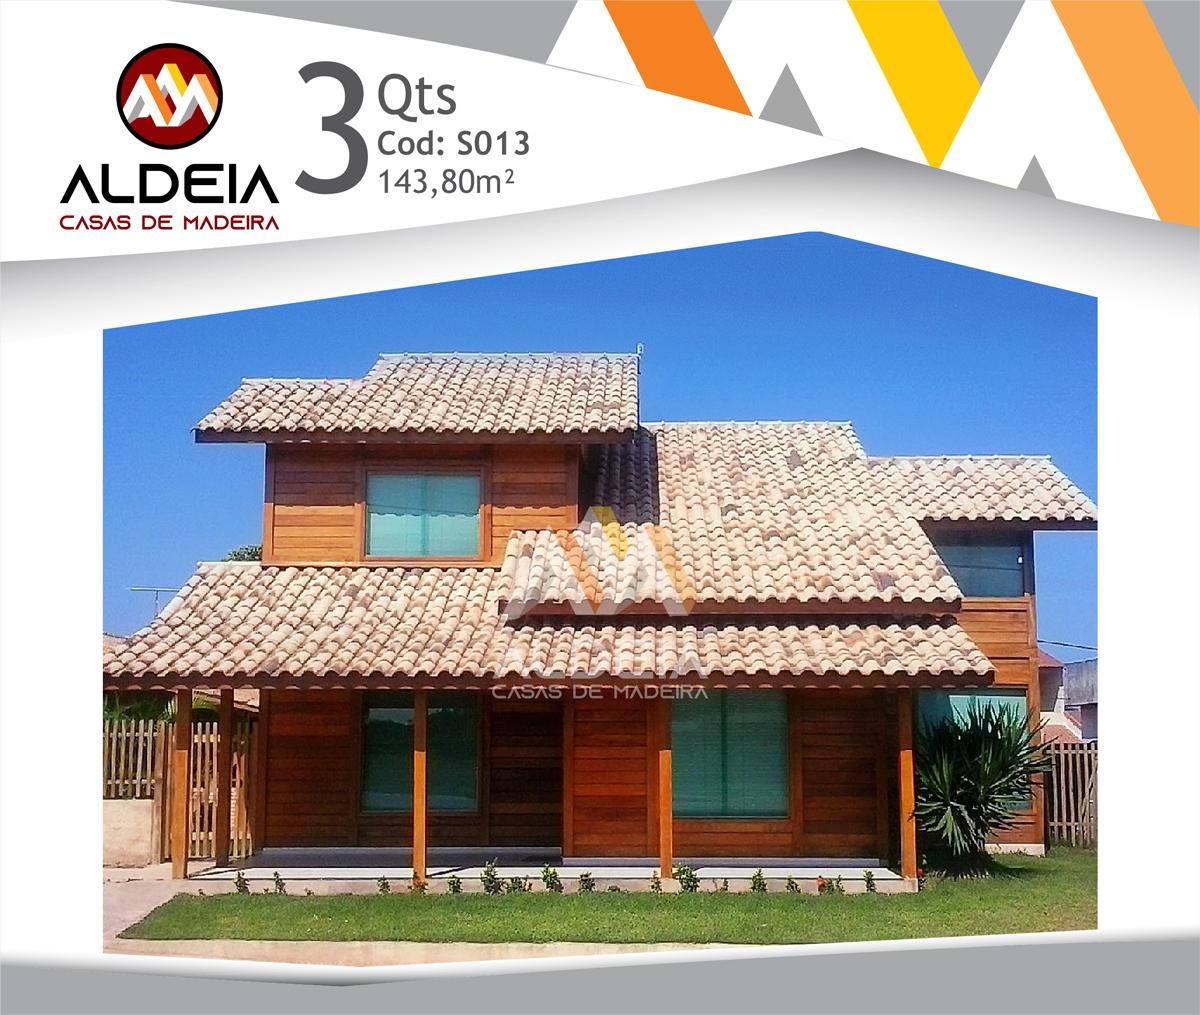 aldeia-casas-madeira-fachada-S013